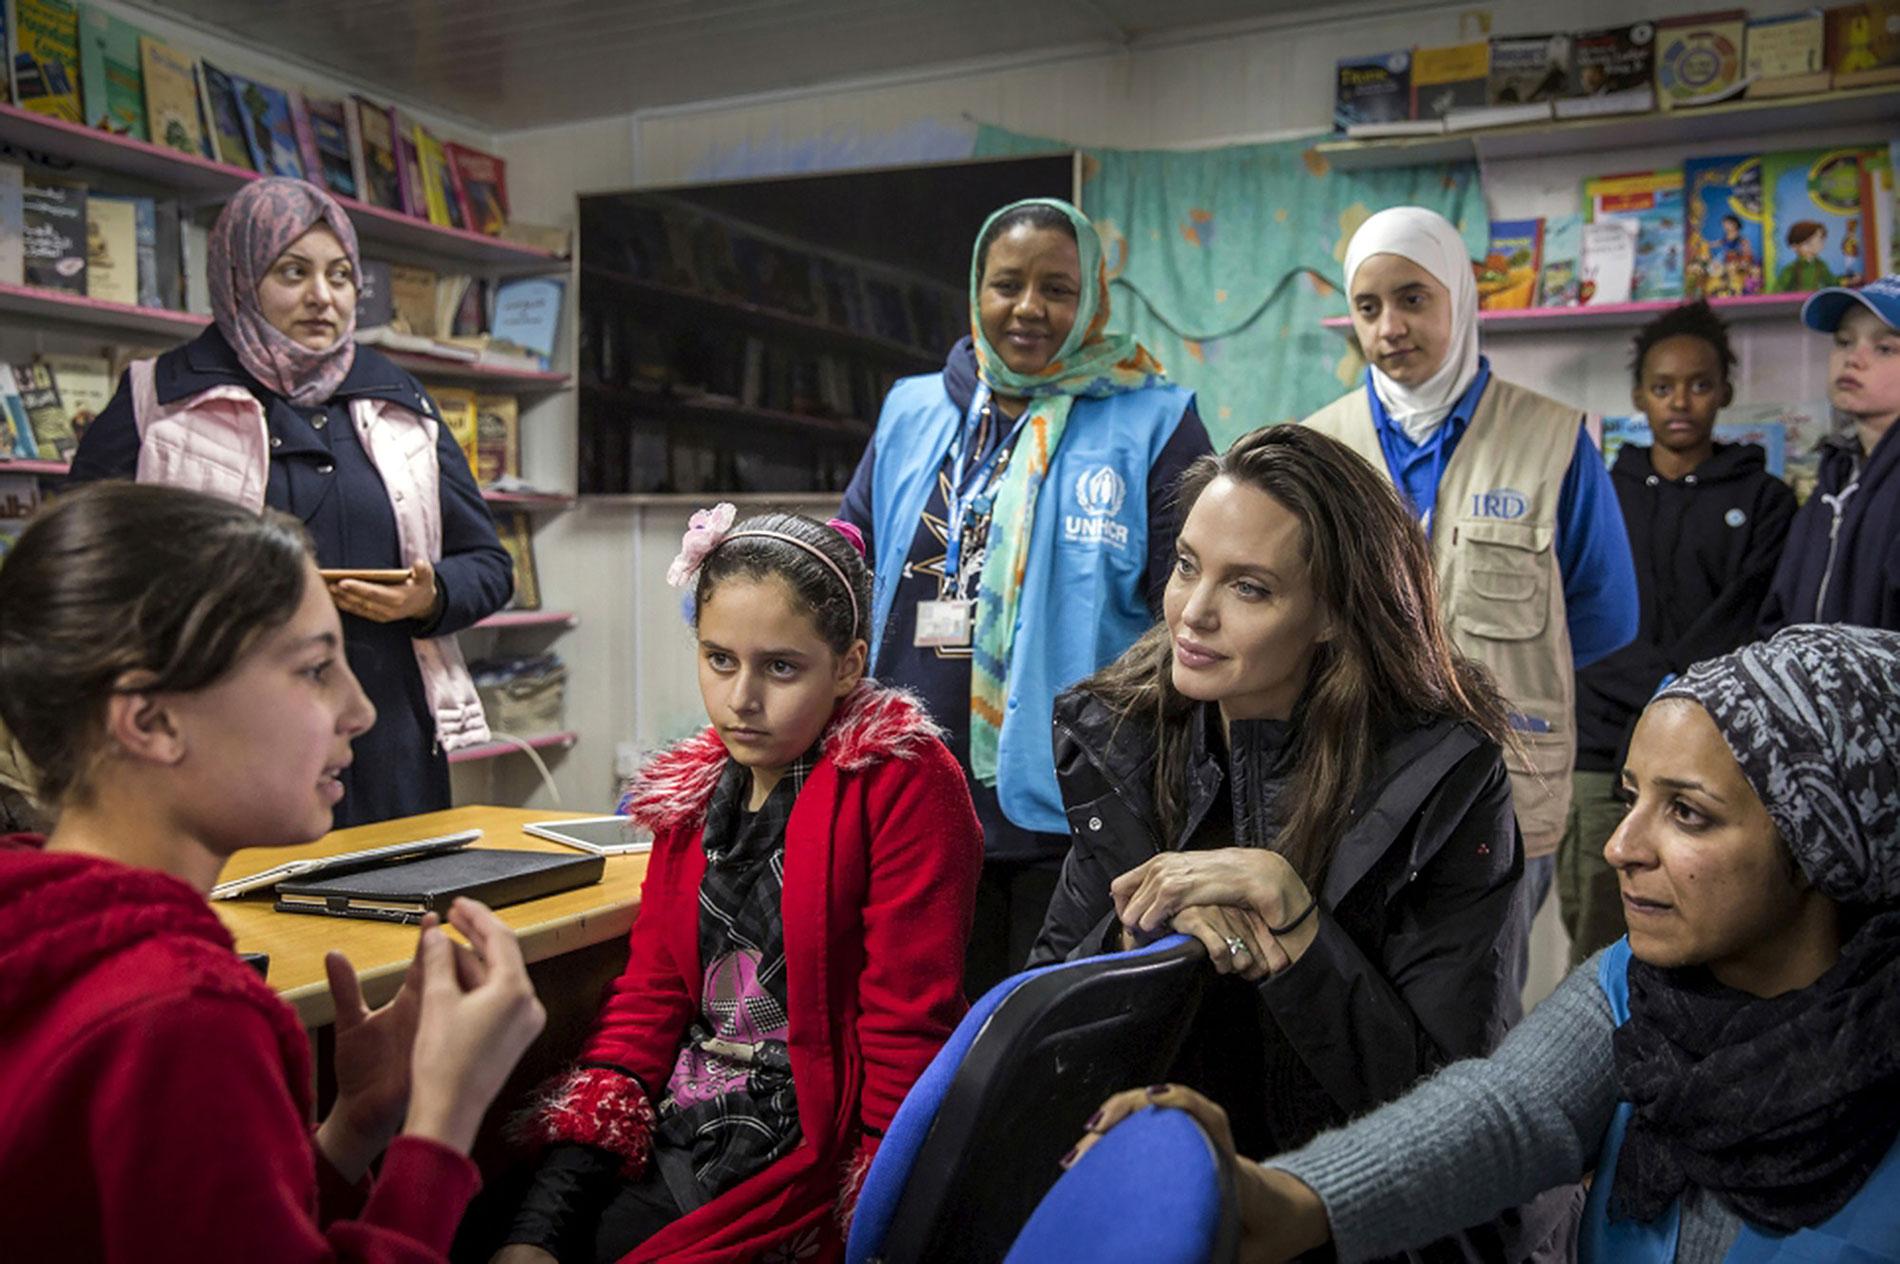 Con familia de refugiados y adolescentes enZataari, Jordania.